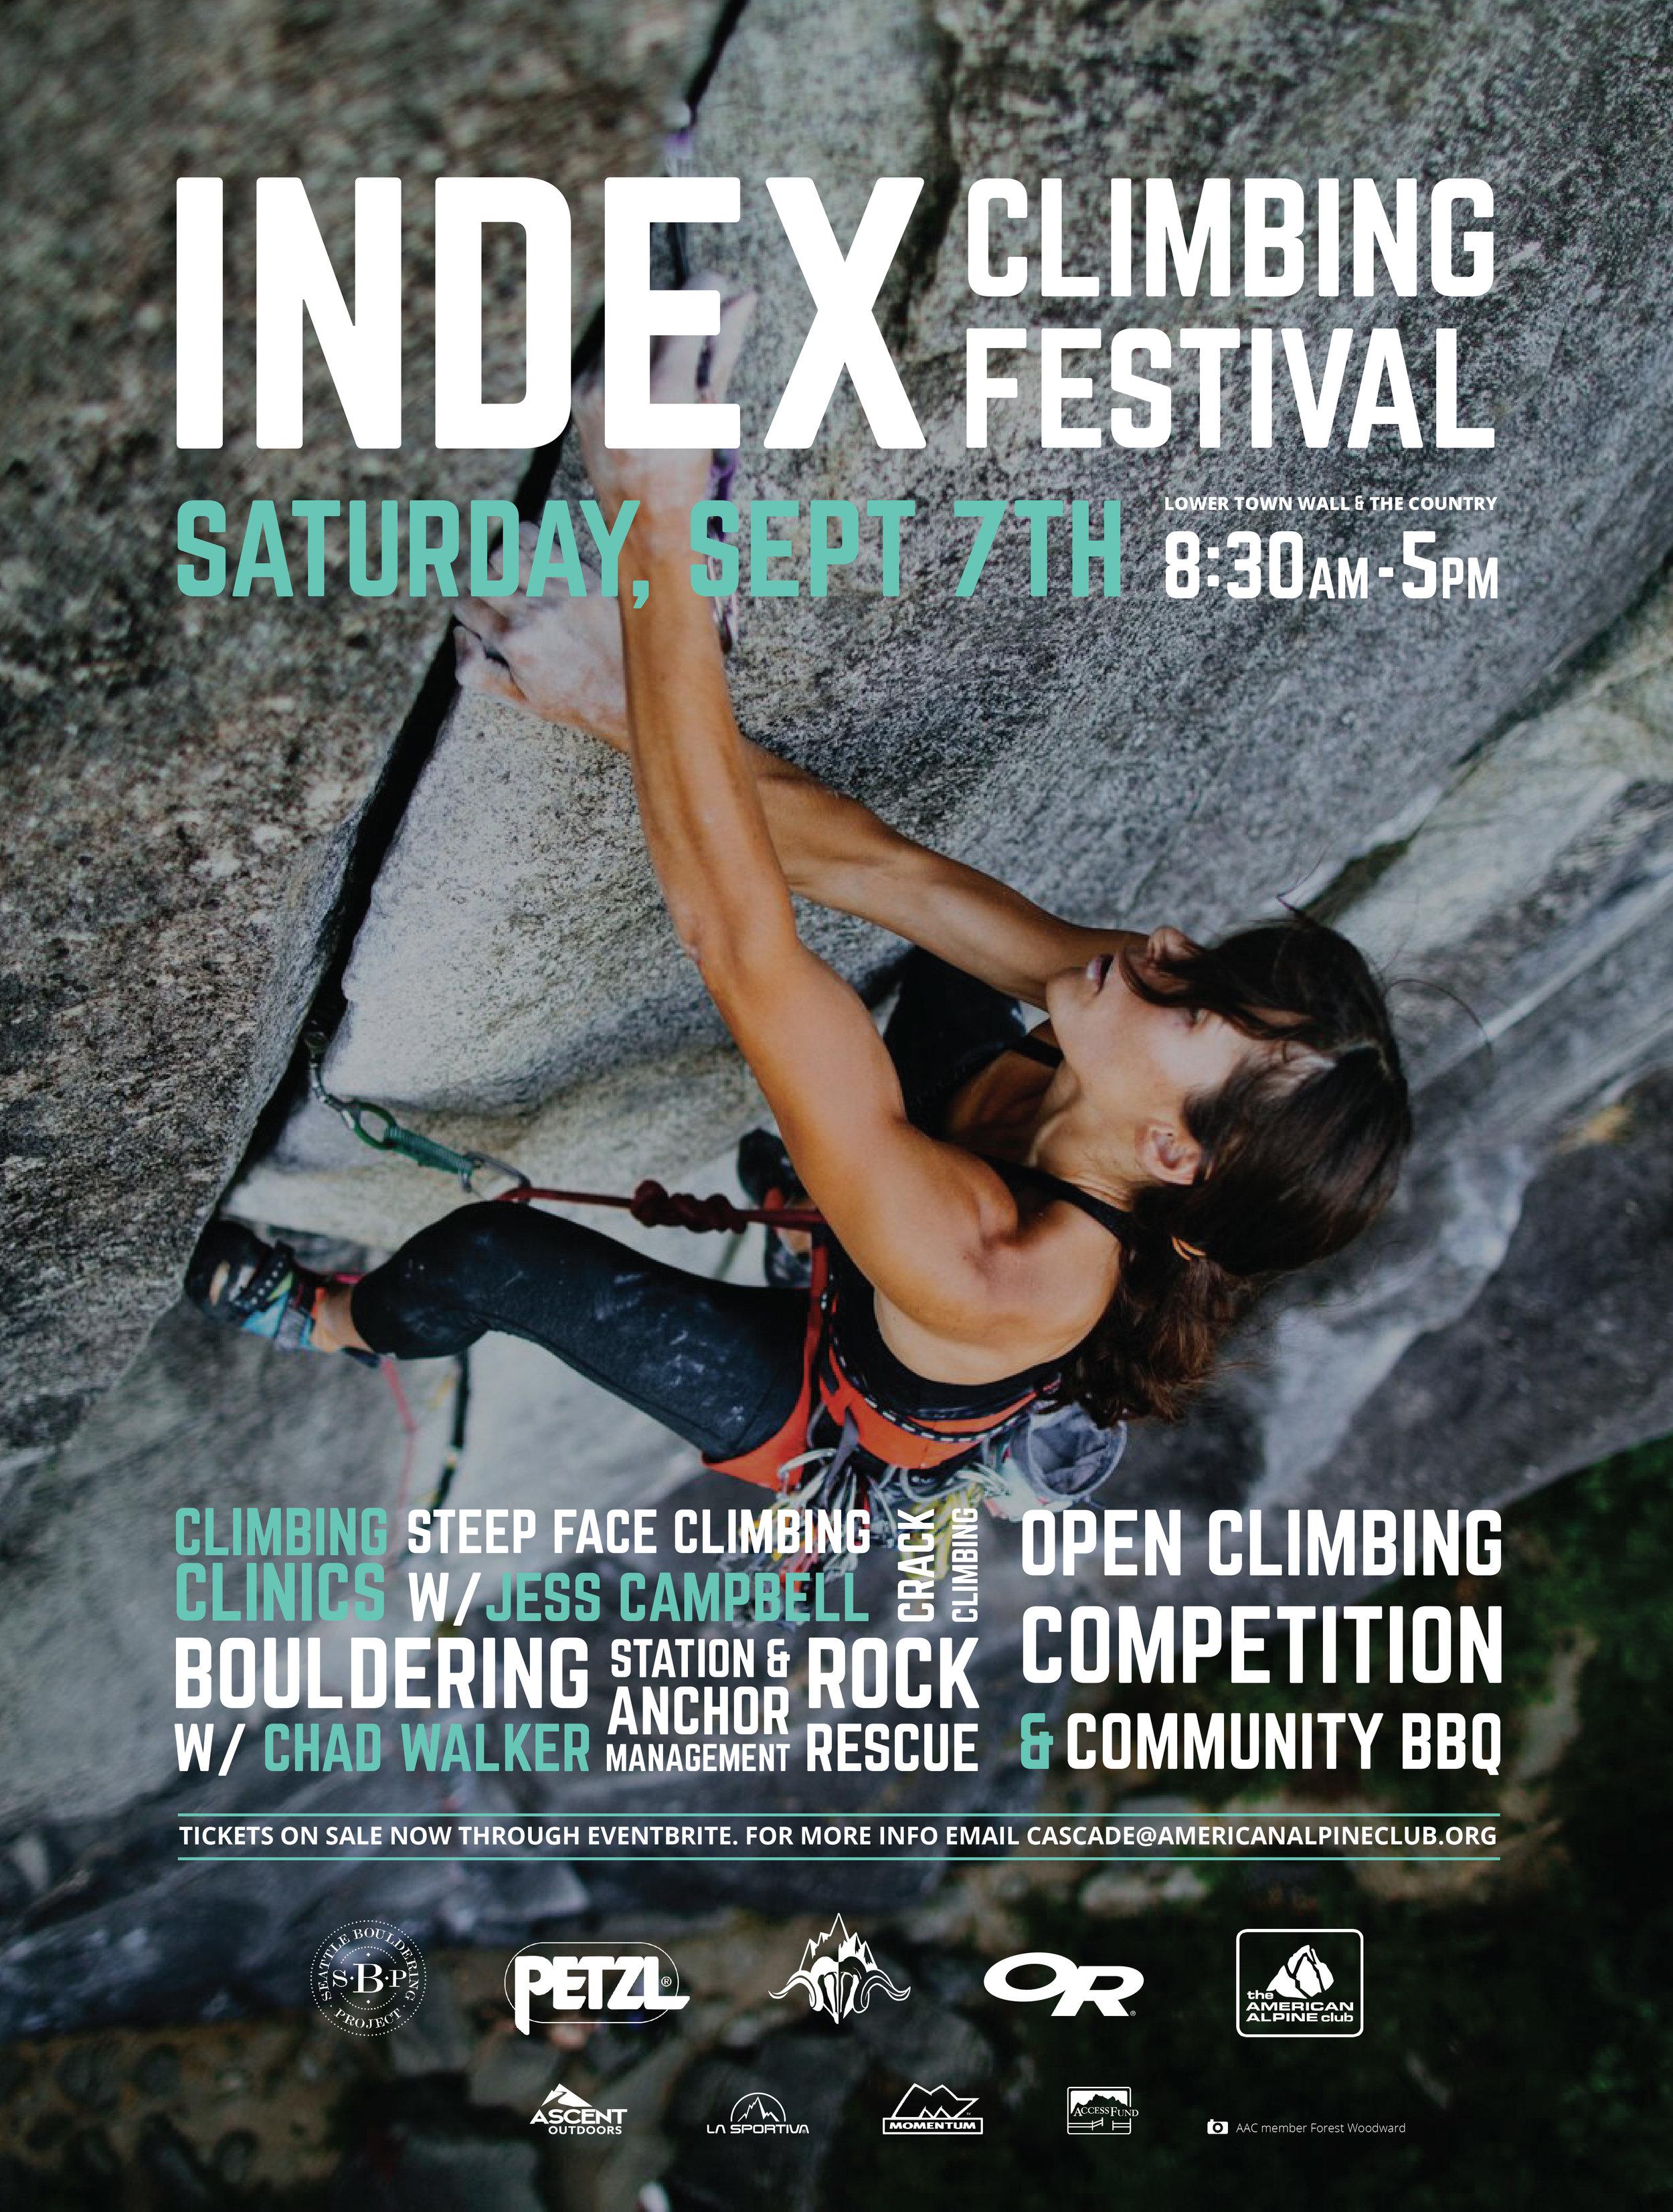 indexfest2019_felicialeroy.jpg